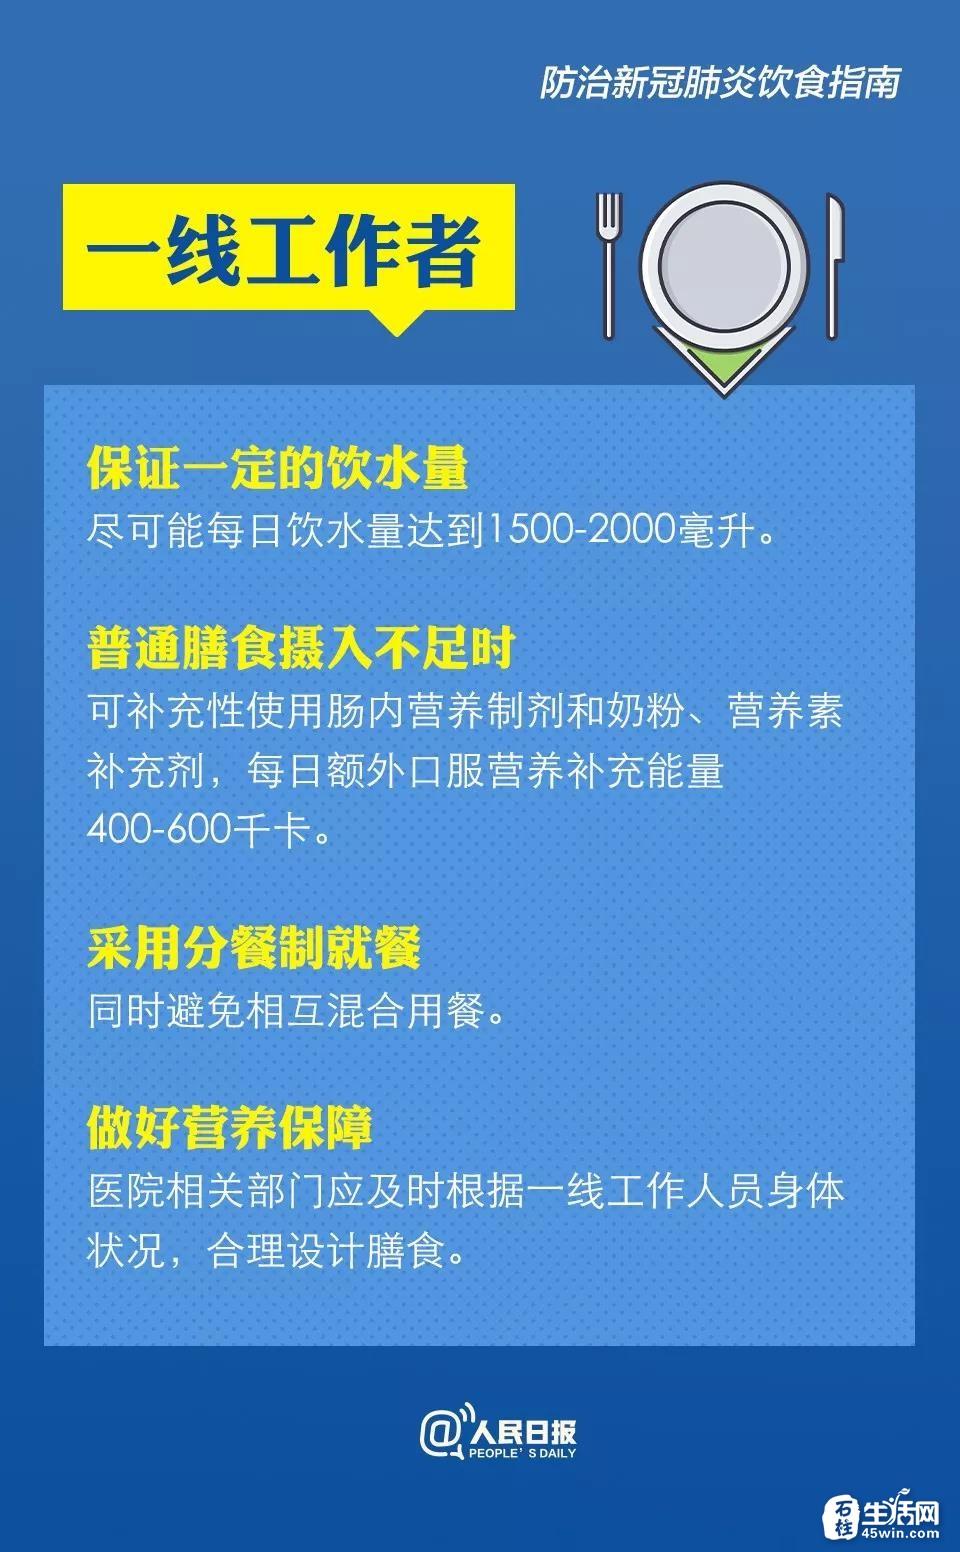 微信图片_20200214204900.jpg